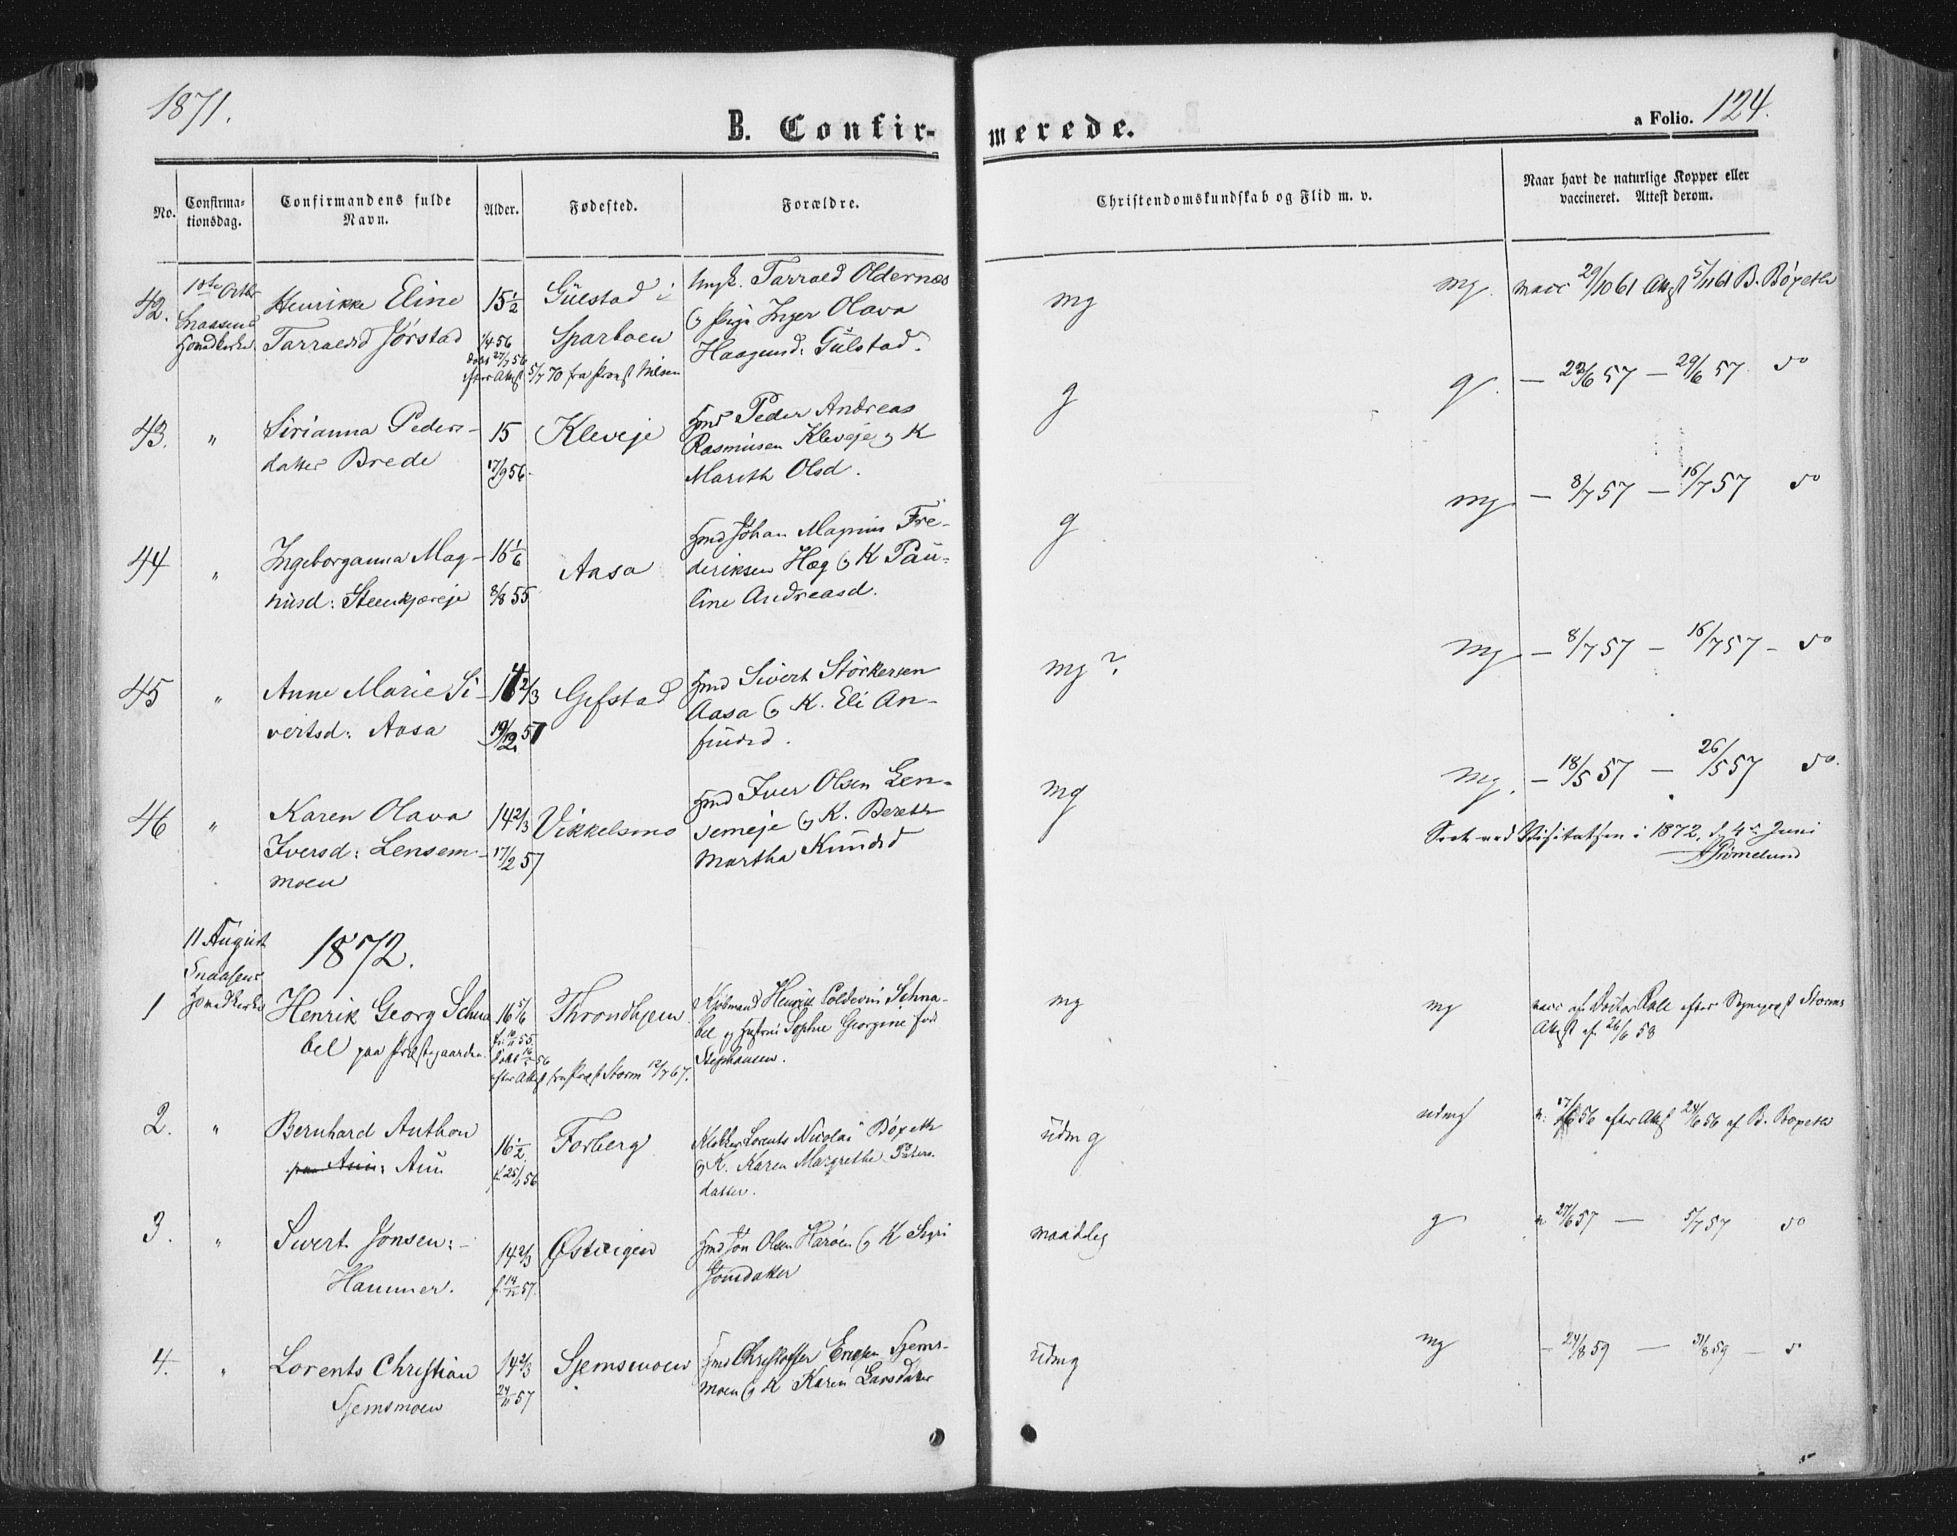 SAT, Ministerialprotokoller, klokkerbøker og fødselsregistre - Nord-Trøndelag, 749/L0472: Ministerialbok nr. 749A06, 1857-1873, s. 124